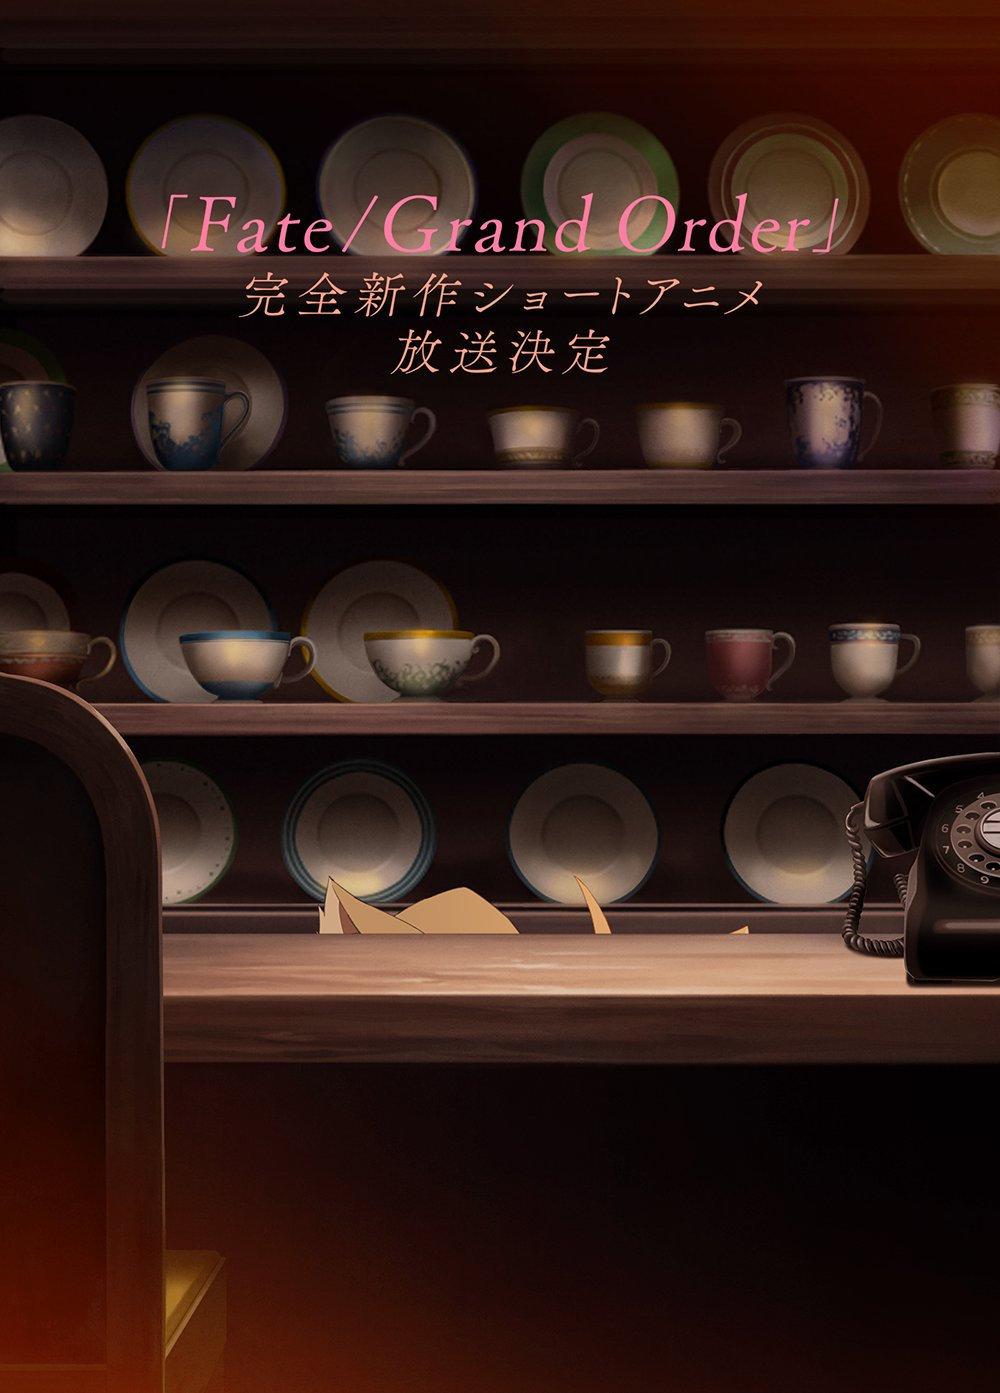 剧场版《FGO -神圣圆桌领域卡美洛-前篇》放映前PV公开,12月5日上映- ACG17.COM